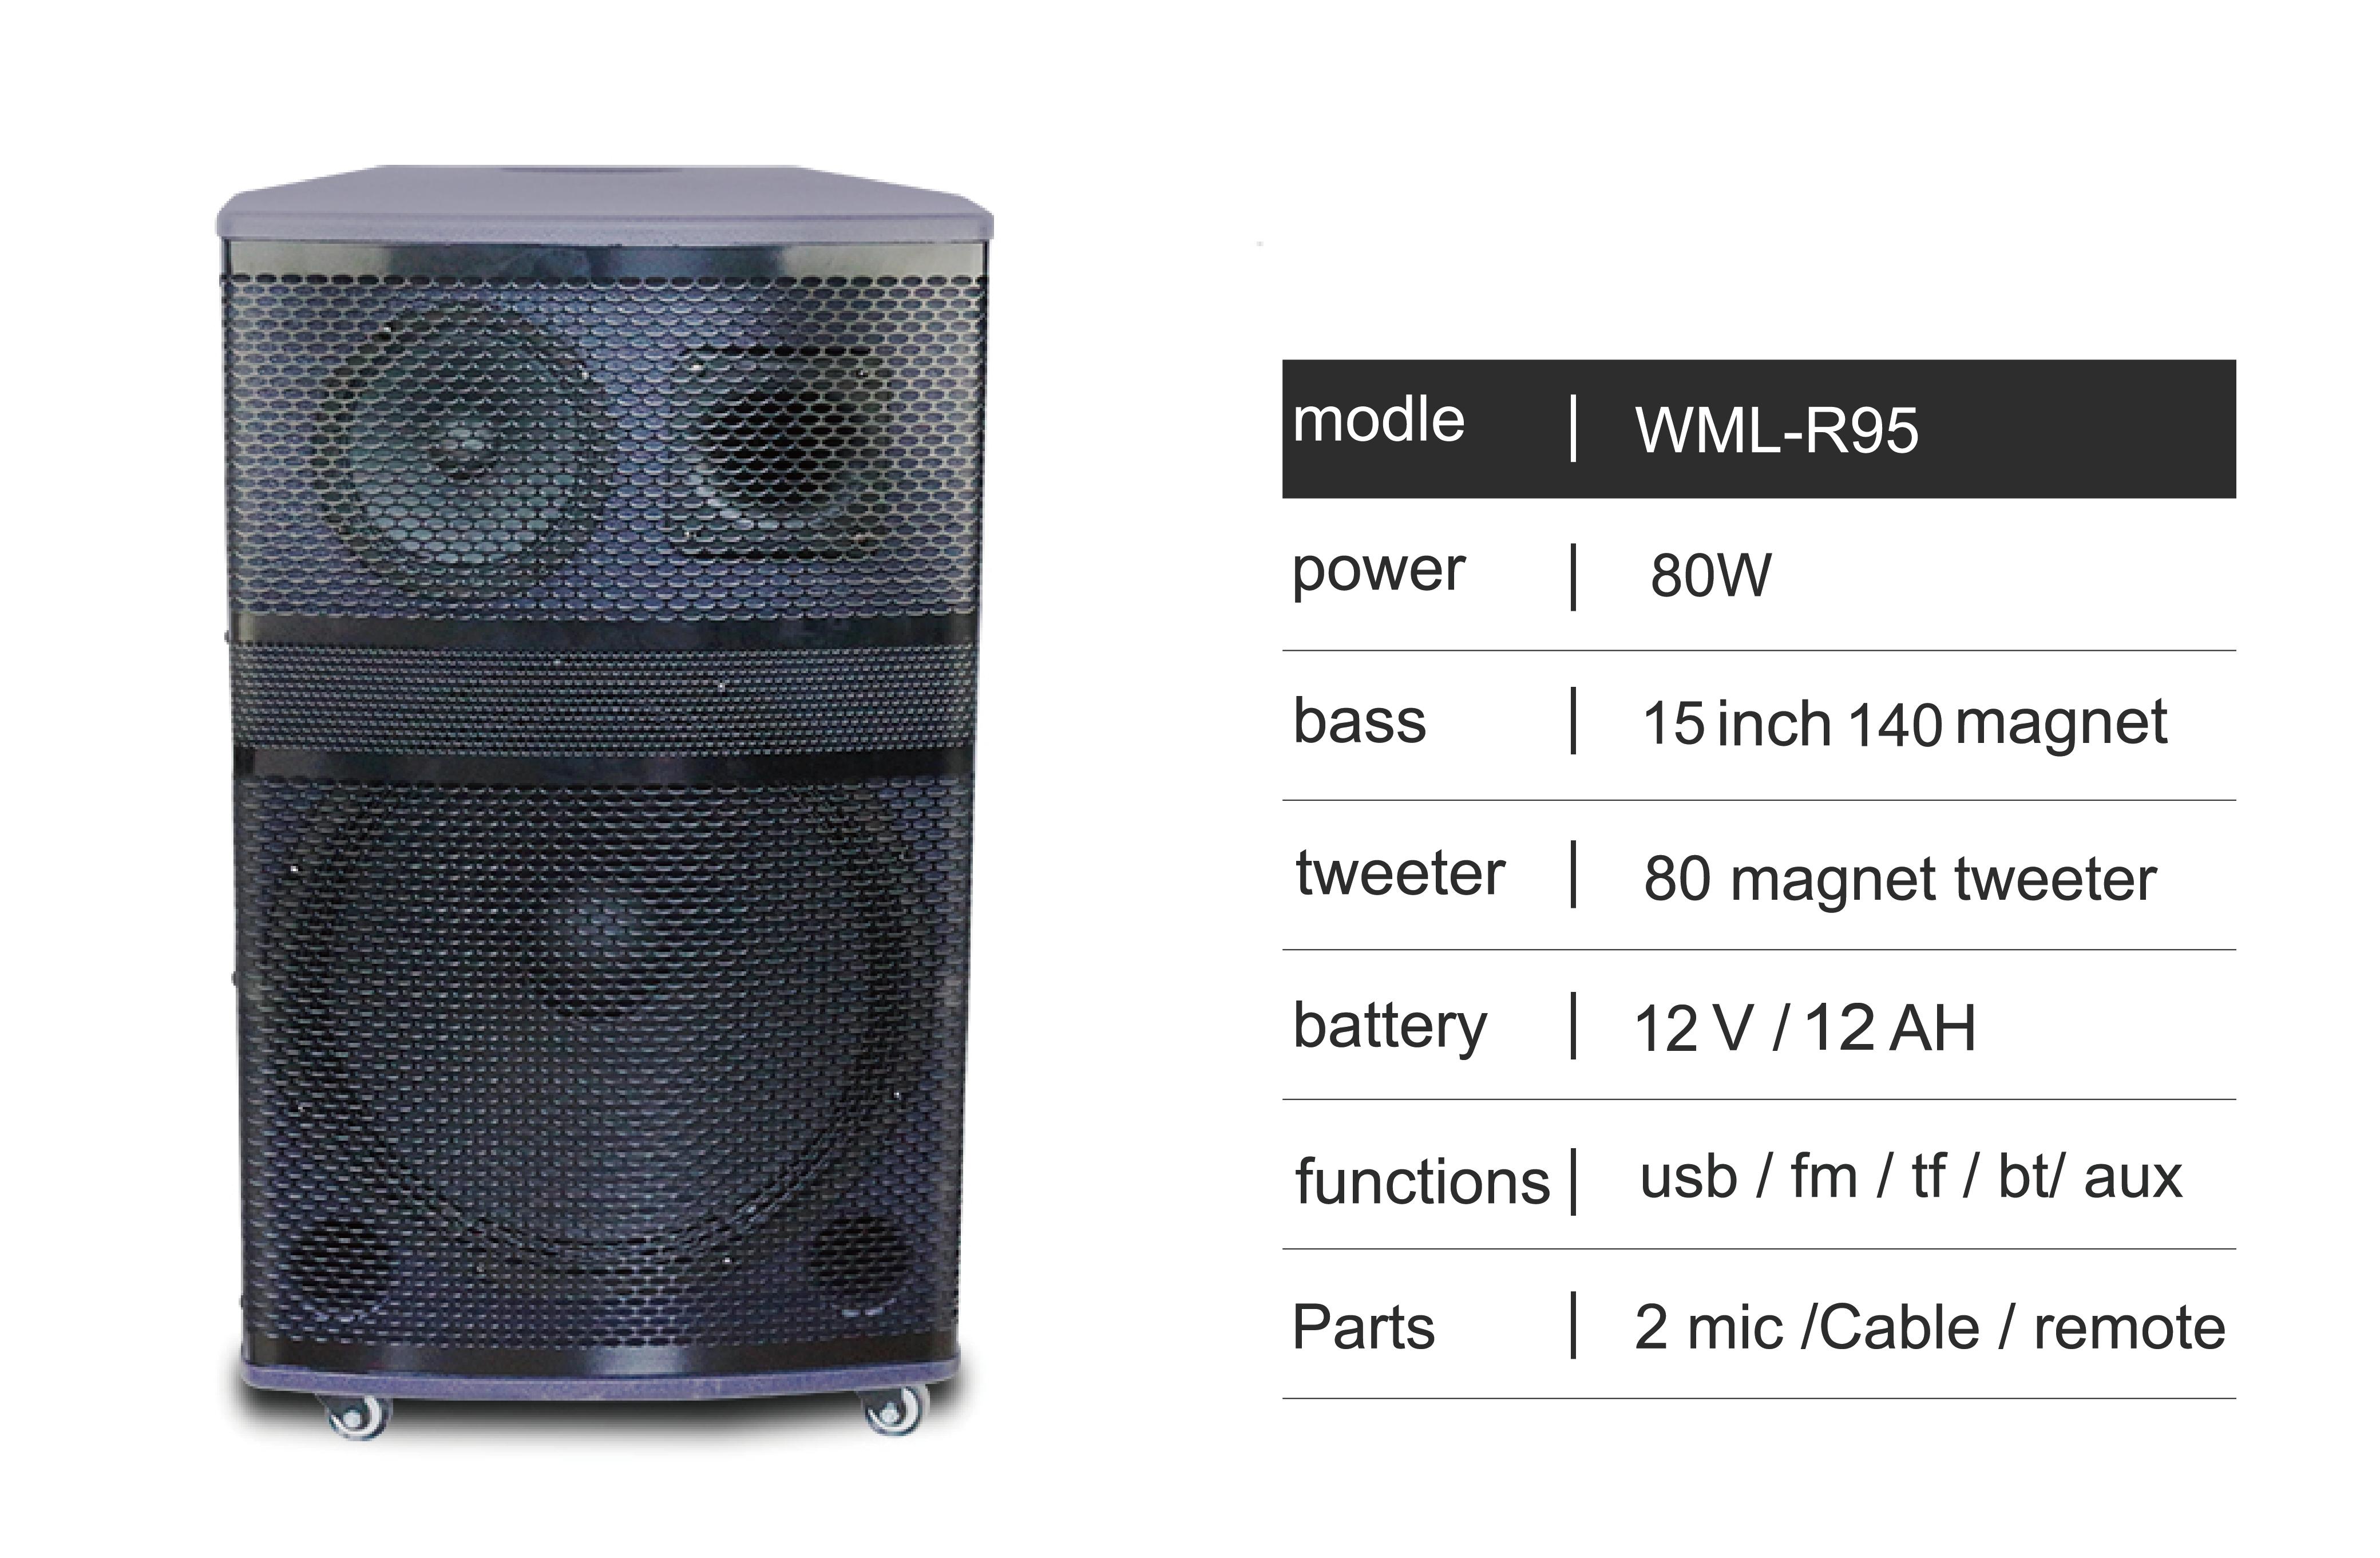 WML-R95